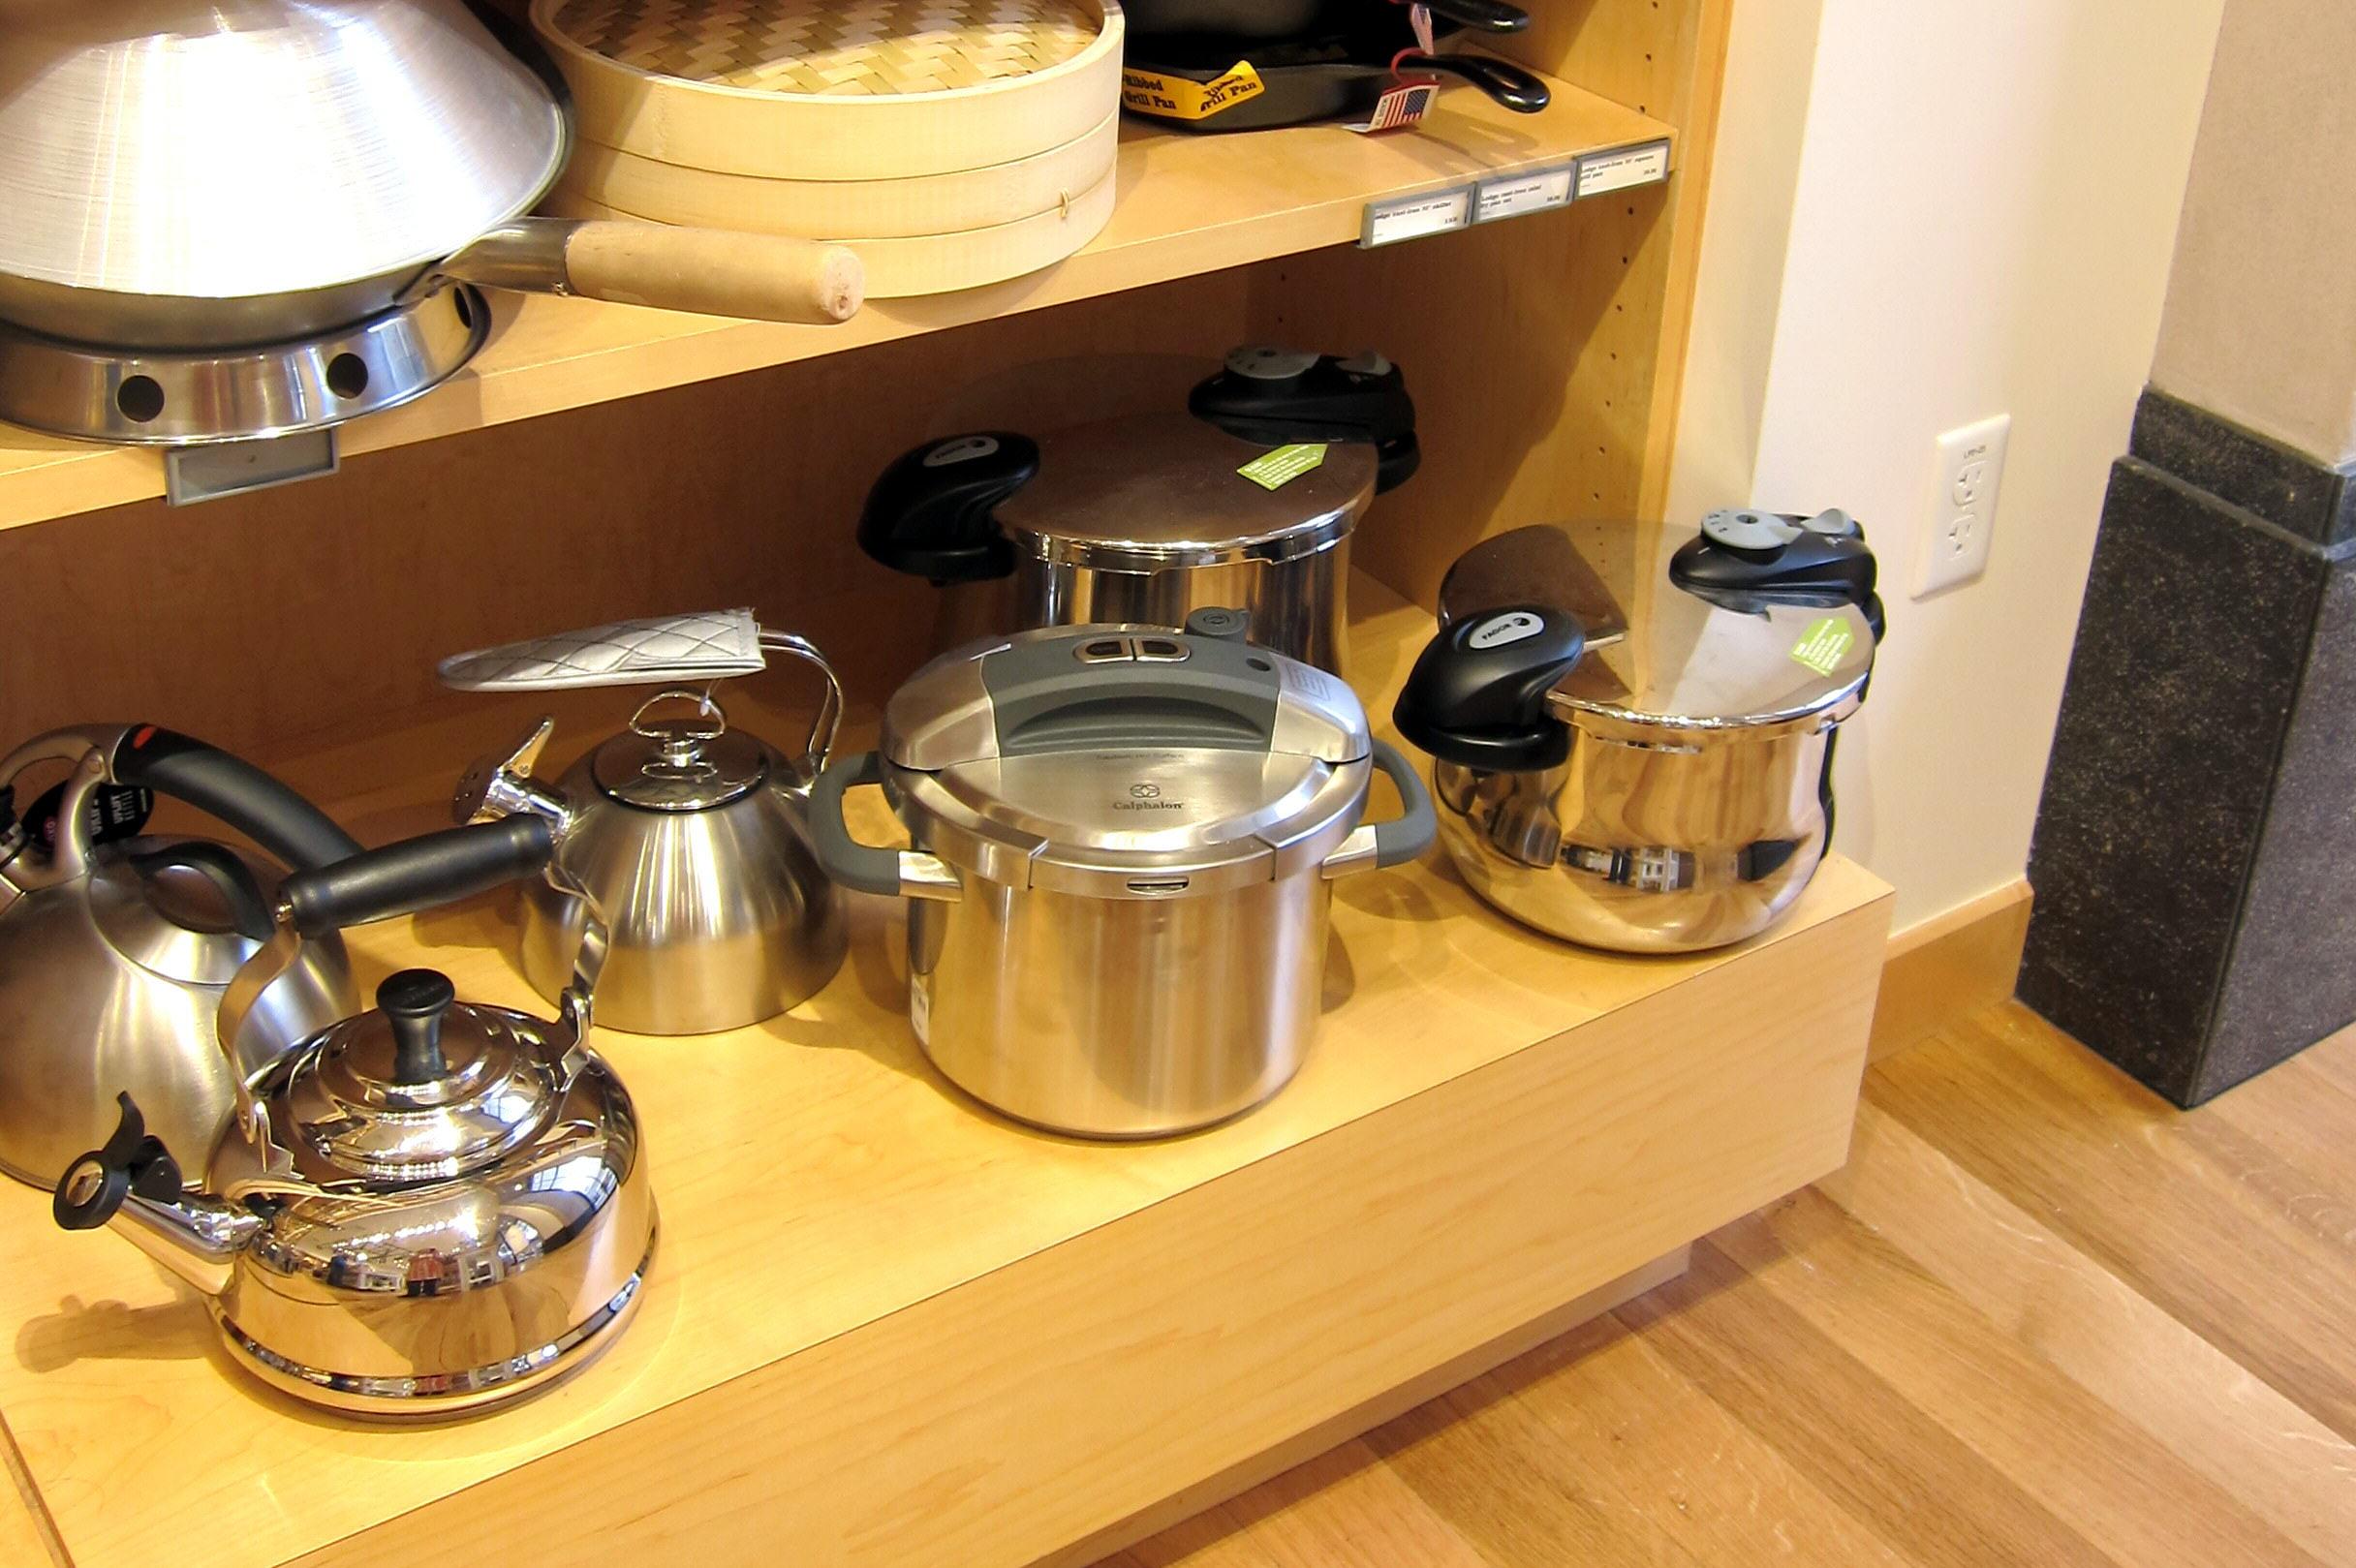 Fagor Pressure Cooker Display